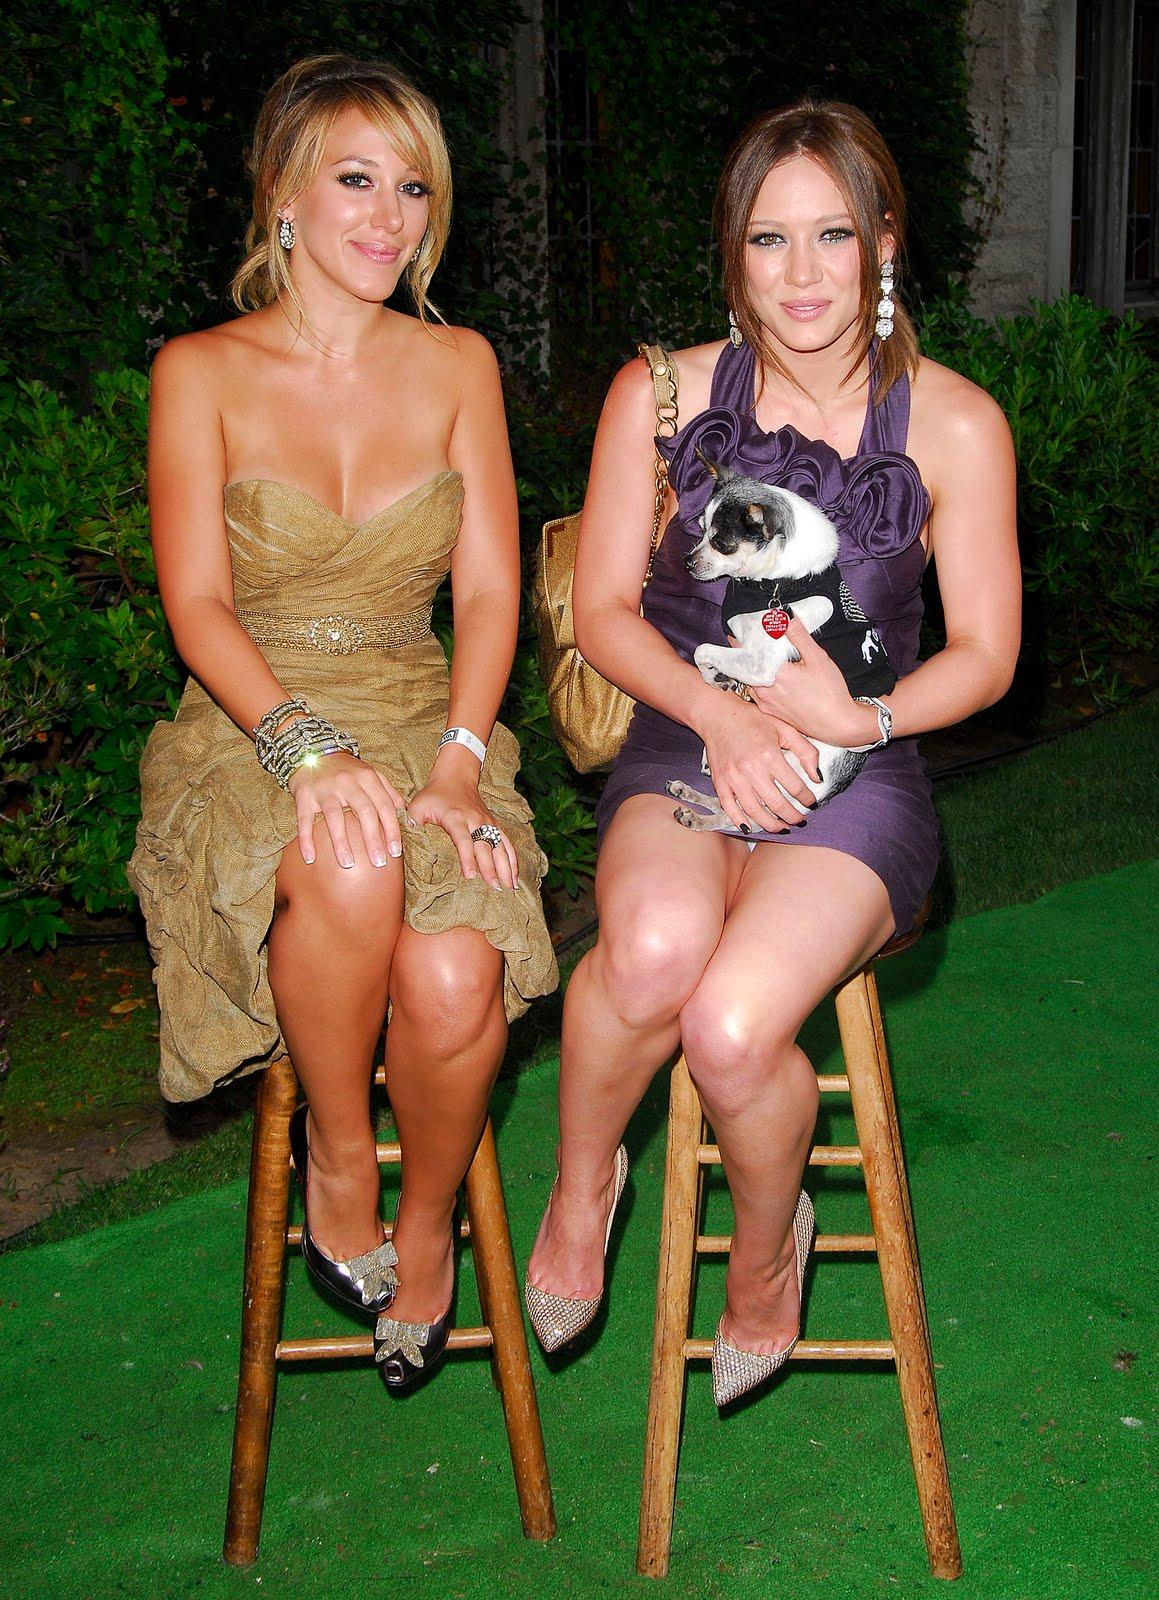 http://3.bp.blogspot.com/_te_-NCYOffc/THu0OjJbhRI/AAAAAAAACjw/4_IZb_q2Vfo/s1600/Hilary_Duff_4.jpg